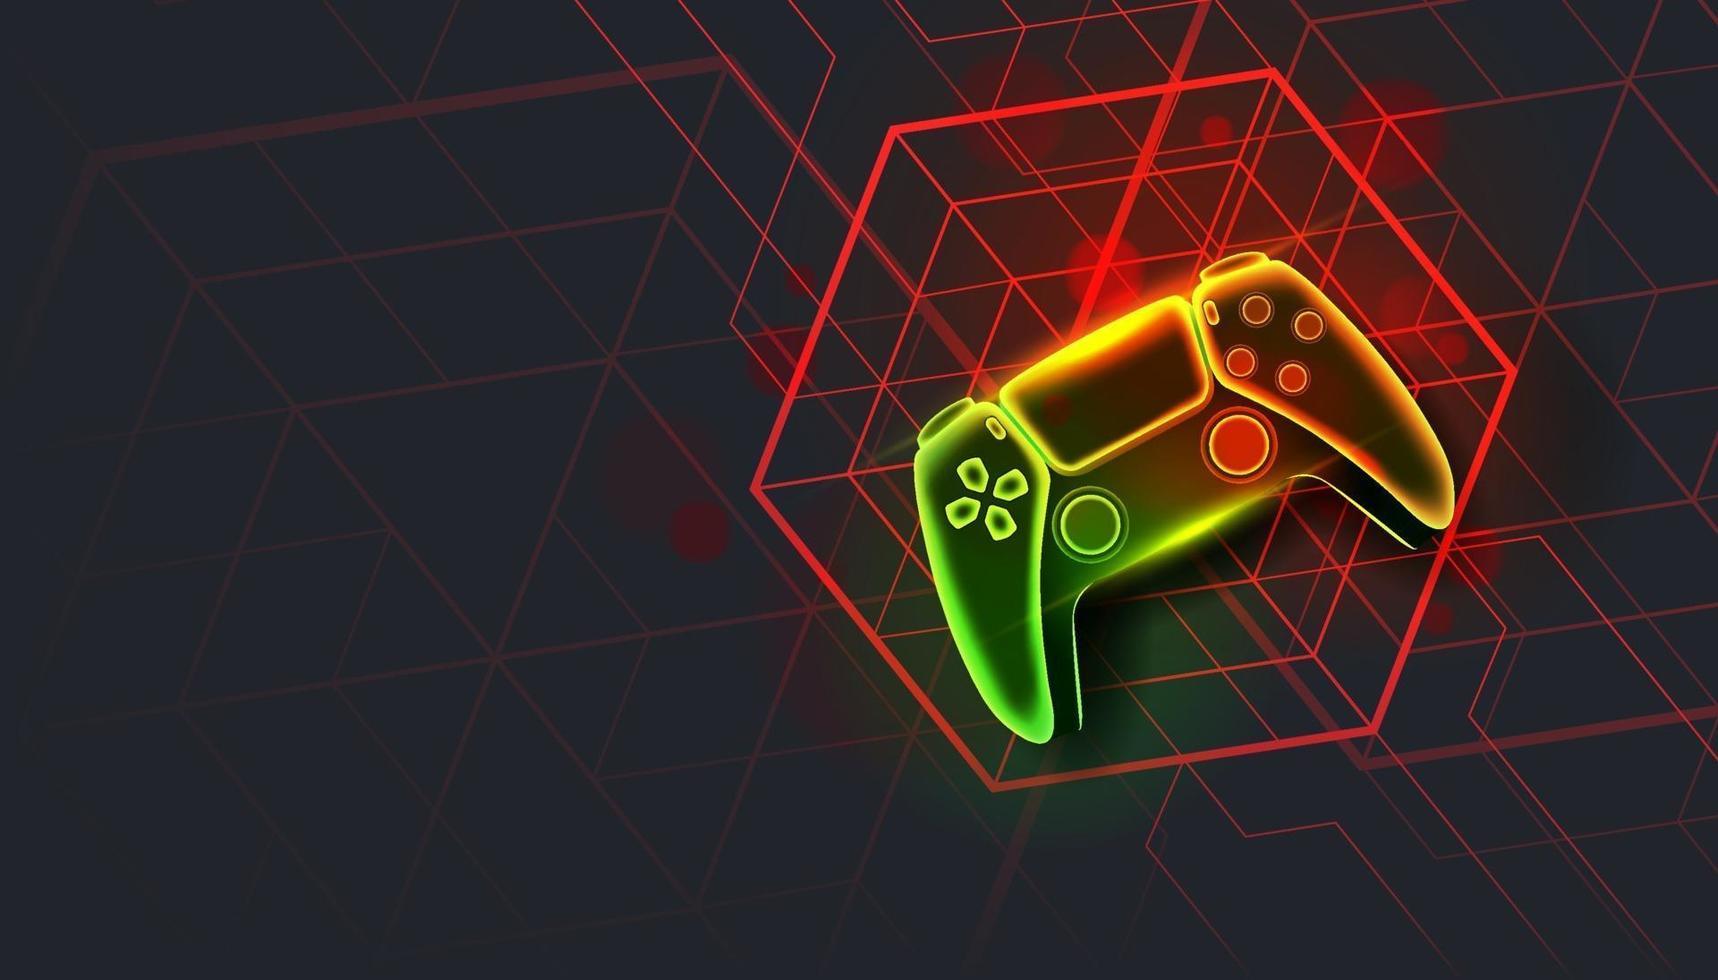 contrôleur de jeu néon ou joystick pour console de jeu sur fond sombre. vecteur